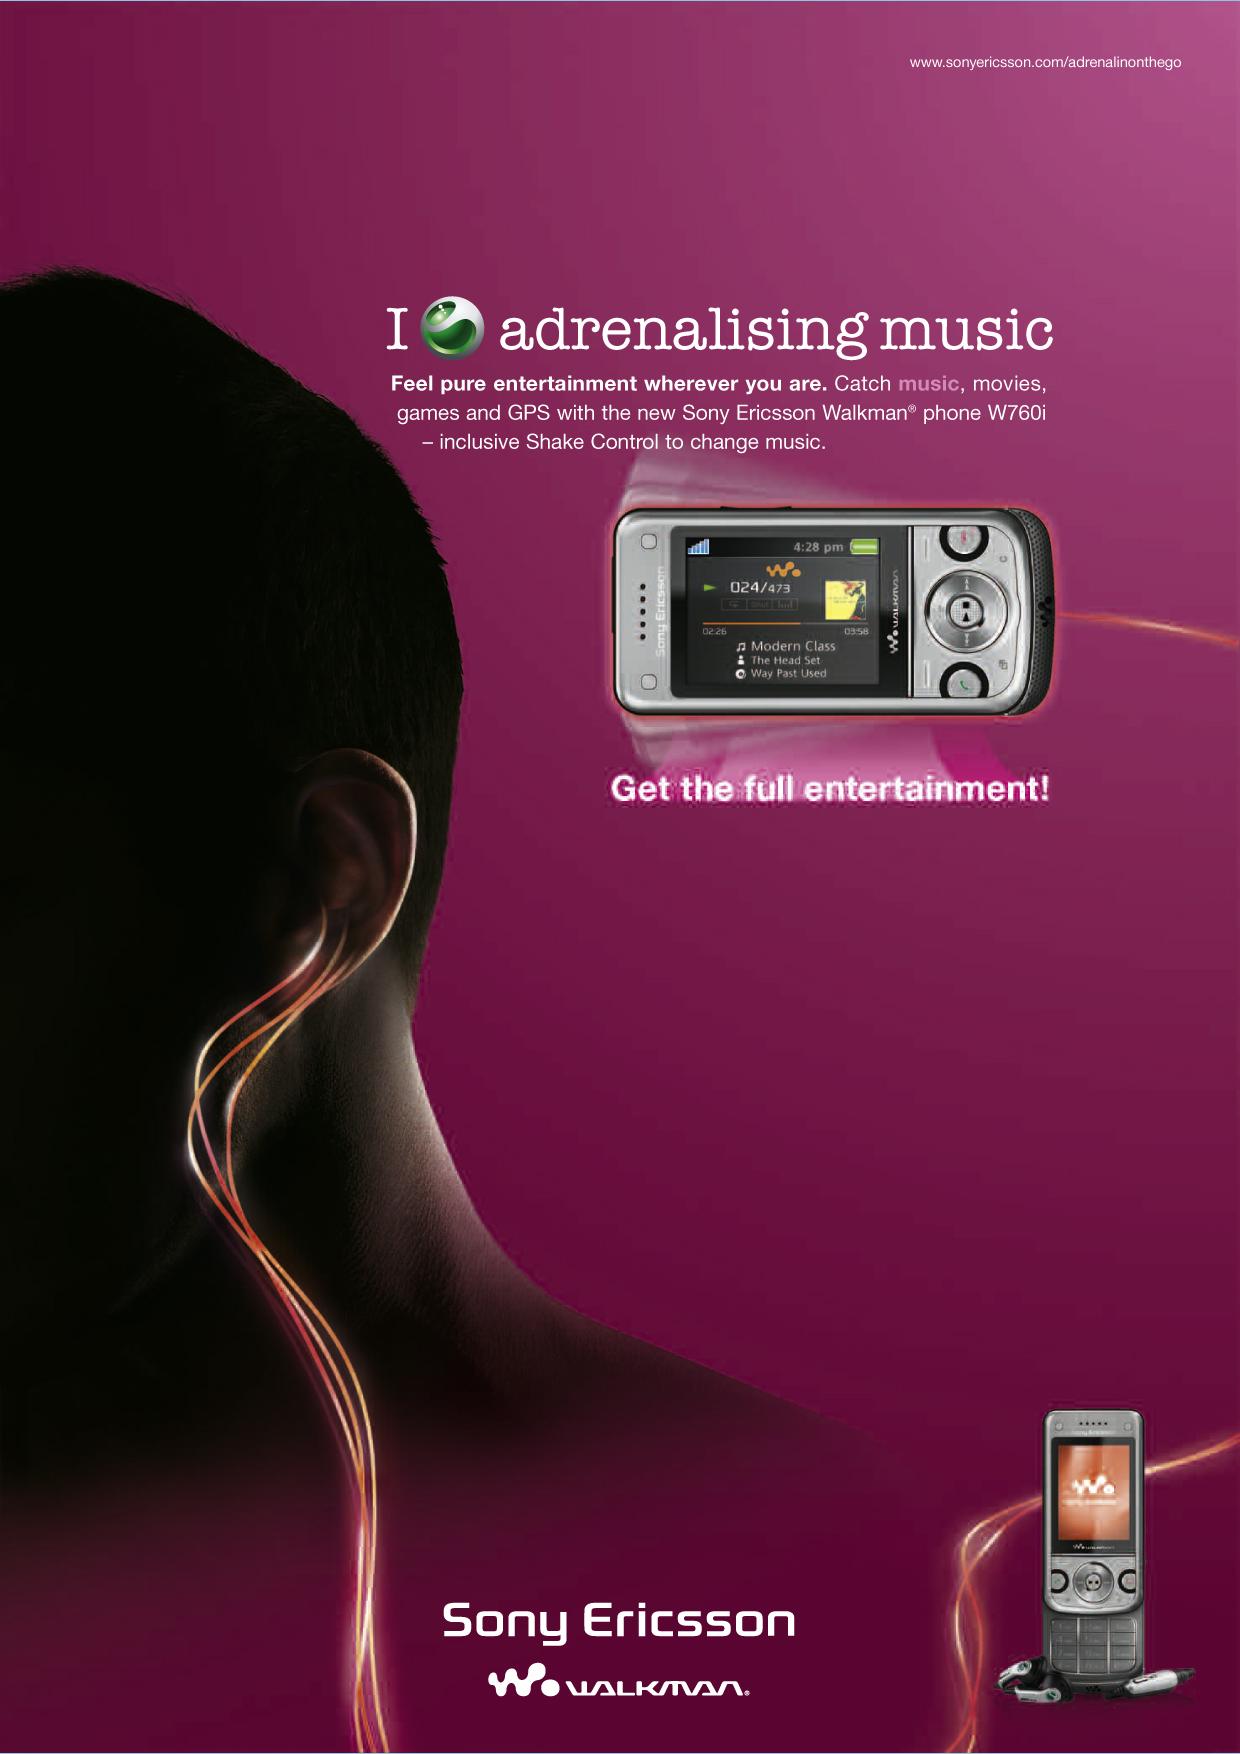 Sony Ericsson POS Plakat 2